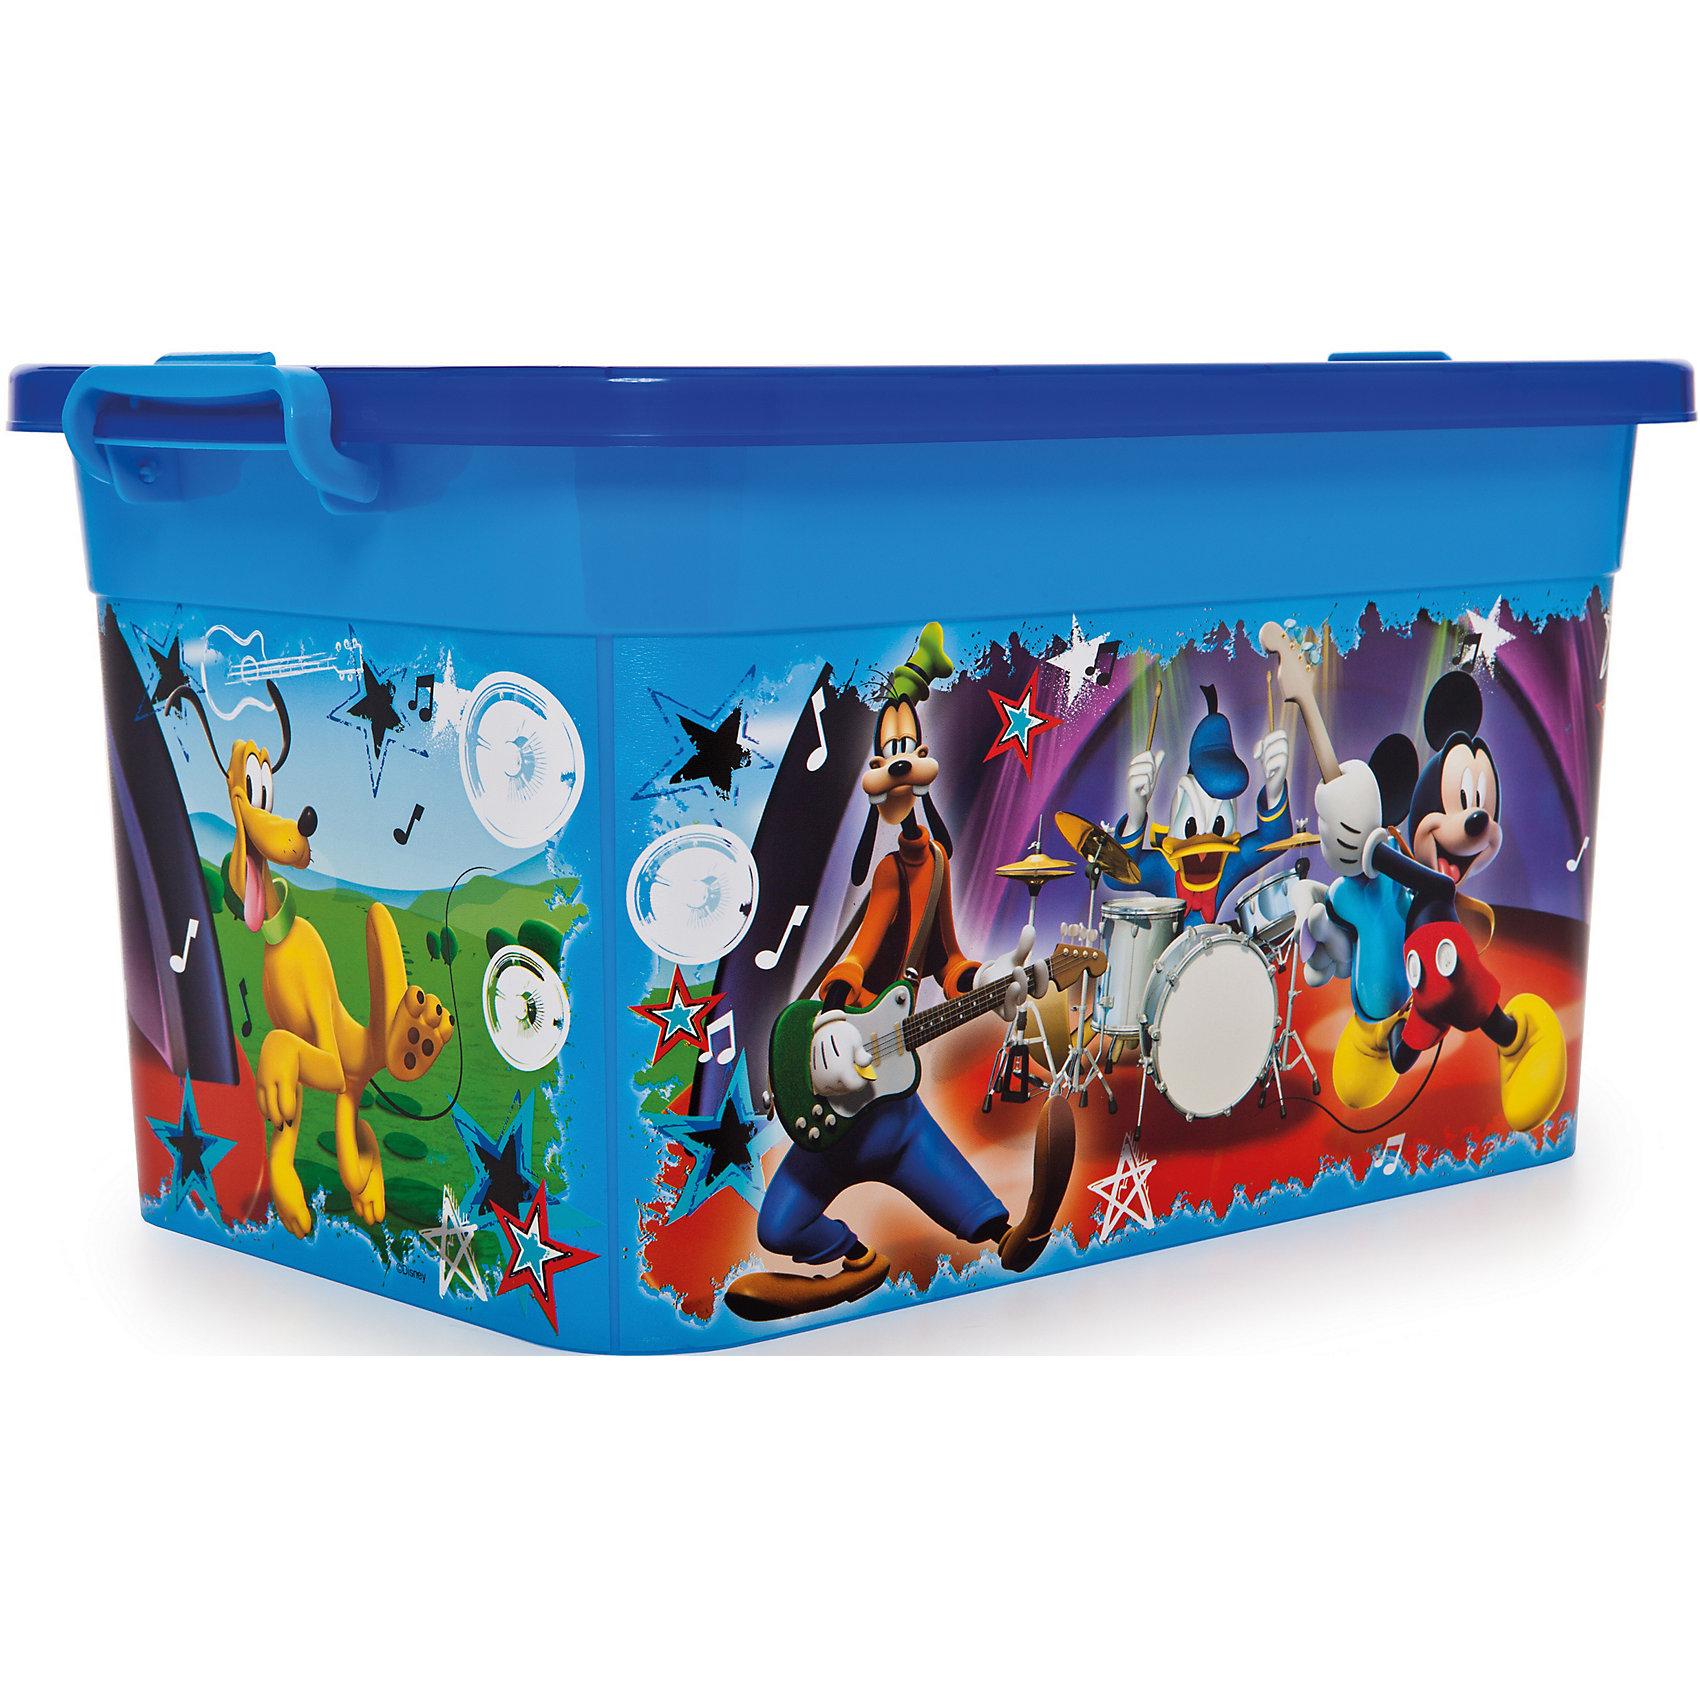 Ящик для игрушек Микки Маус, 10лЯркий и удобный ящик с изображениями любимых героев обязательно понравится детям и приучит их к порядку. Ведь убирать вещи и игрушки в такой контейнер - одно удовольствие! Ящик выполнен из высококачественного прочного пластика, плотно закрывается, имеет удобную ручку для переноски. <br><br>Дополнительная информация:<br><br>- Материал: пластик.<br>- Размер: 35,5x23,5x19 см.<br>- Объем: 10 л.<br>- Удобная ручка наверху. <br><br>Ящик для игрушек Микки Маус, 10л, можно купить в нашем магазине.<br><br>Ширина мм: 355<br>Глубина мм: 325<br>Высота мм: 190<br>Вес г: 250<br>Возраст от месяцев: 12<br>Возраст до месяцев: 120<br>Пол: Унисекс<br>Возраст: Детский<br>SKU: 4718436